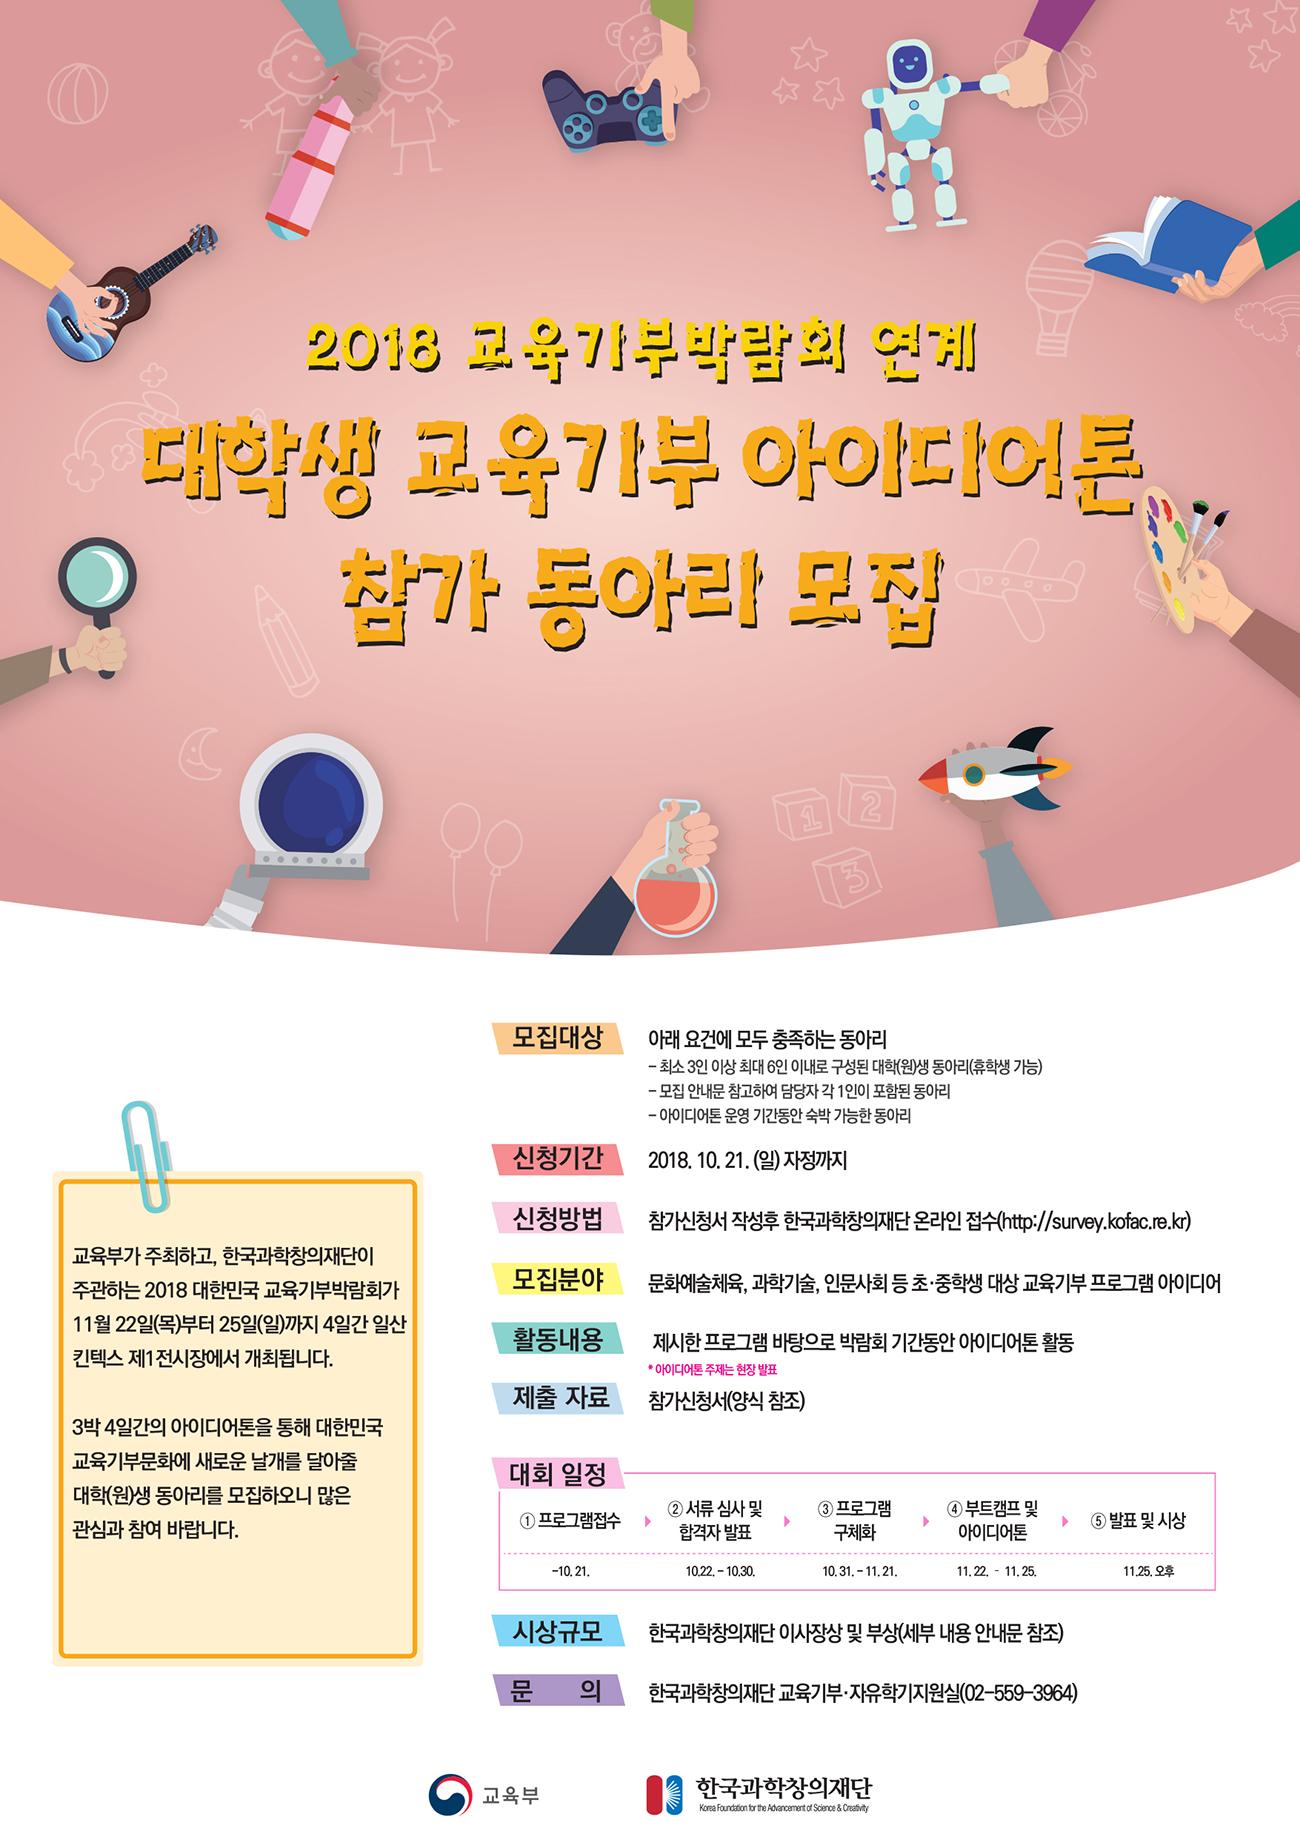 2018 대학생 교육기부 아이디어톤 참가 동아리 모집